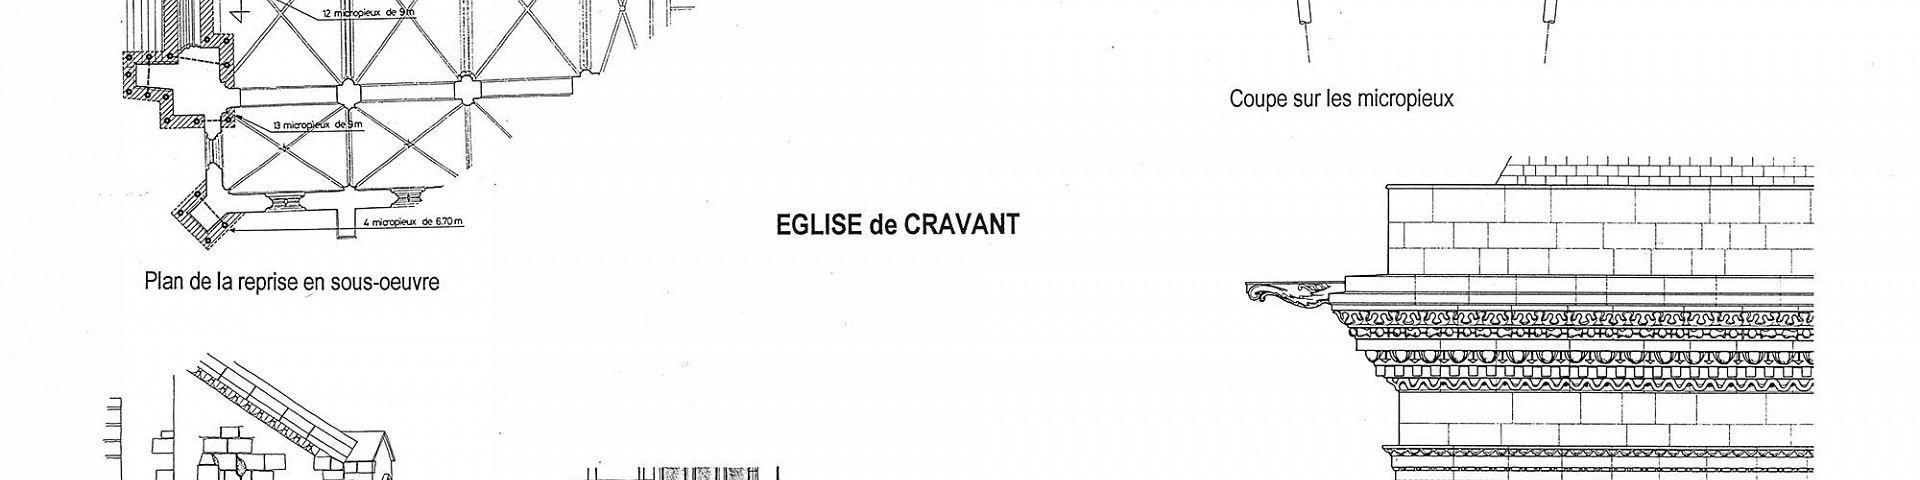 Cravant - Eglise (89)